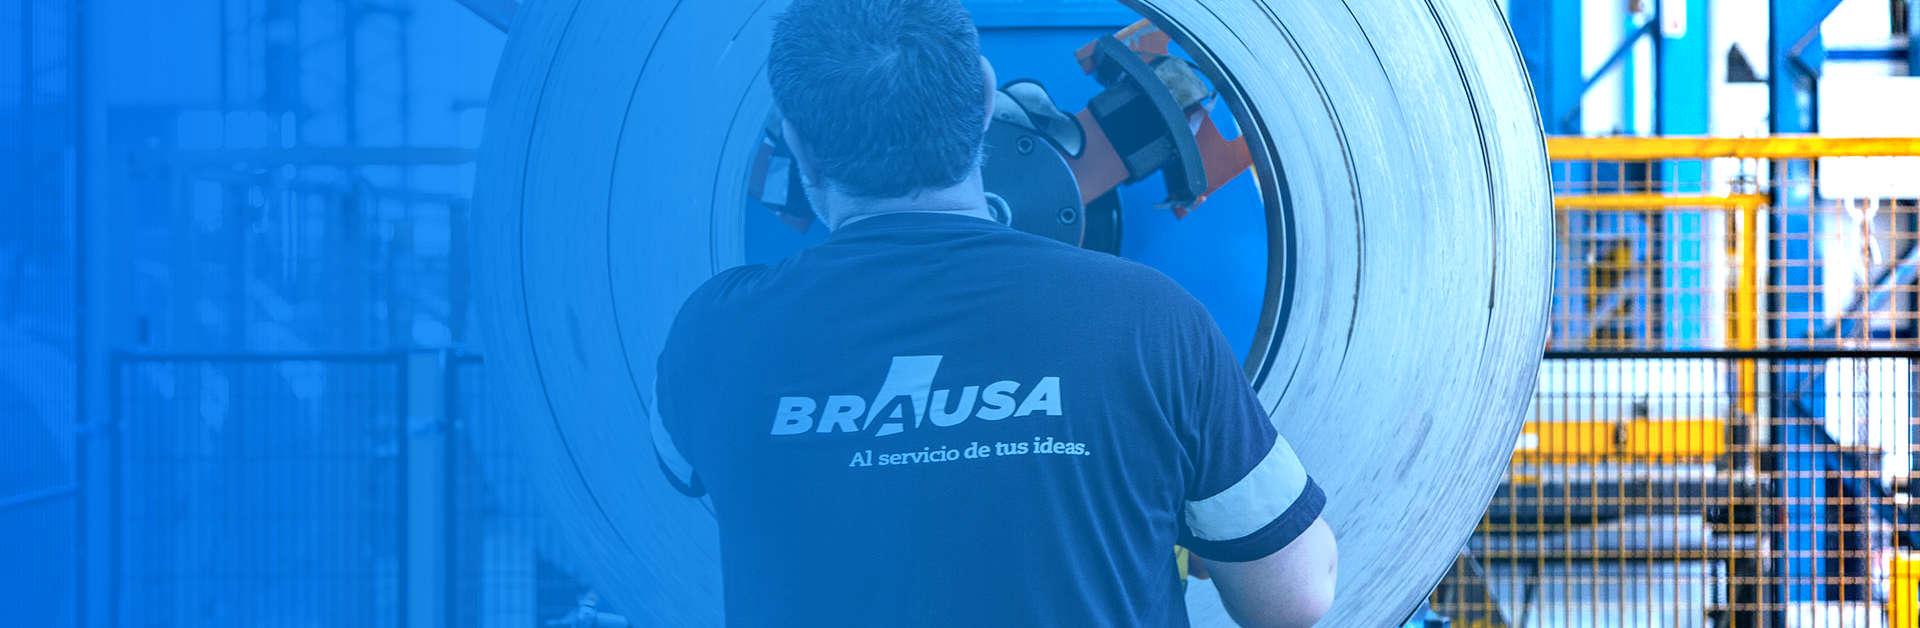 Foto de operario técnico de Brausa manipulando rollo de acero conformado en frío